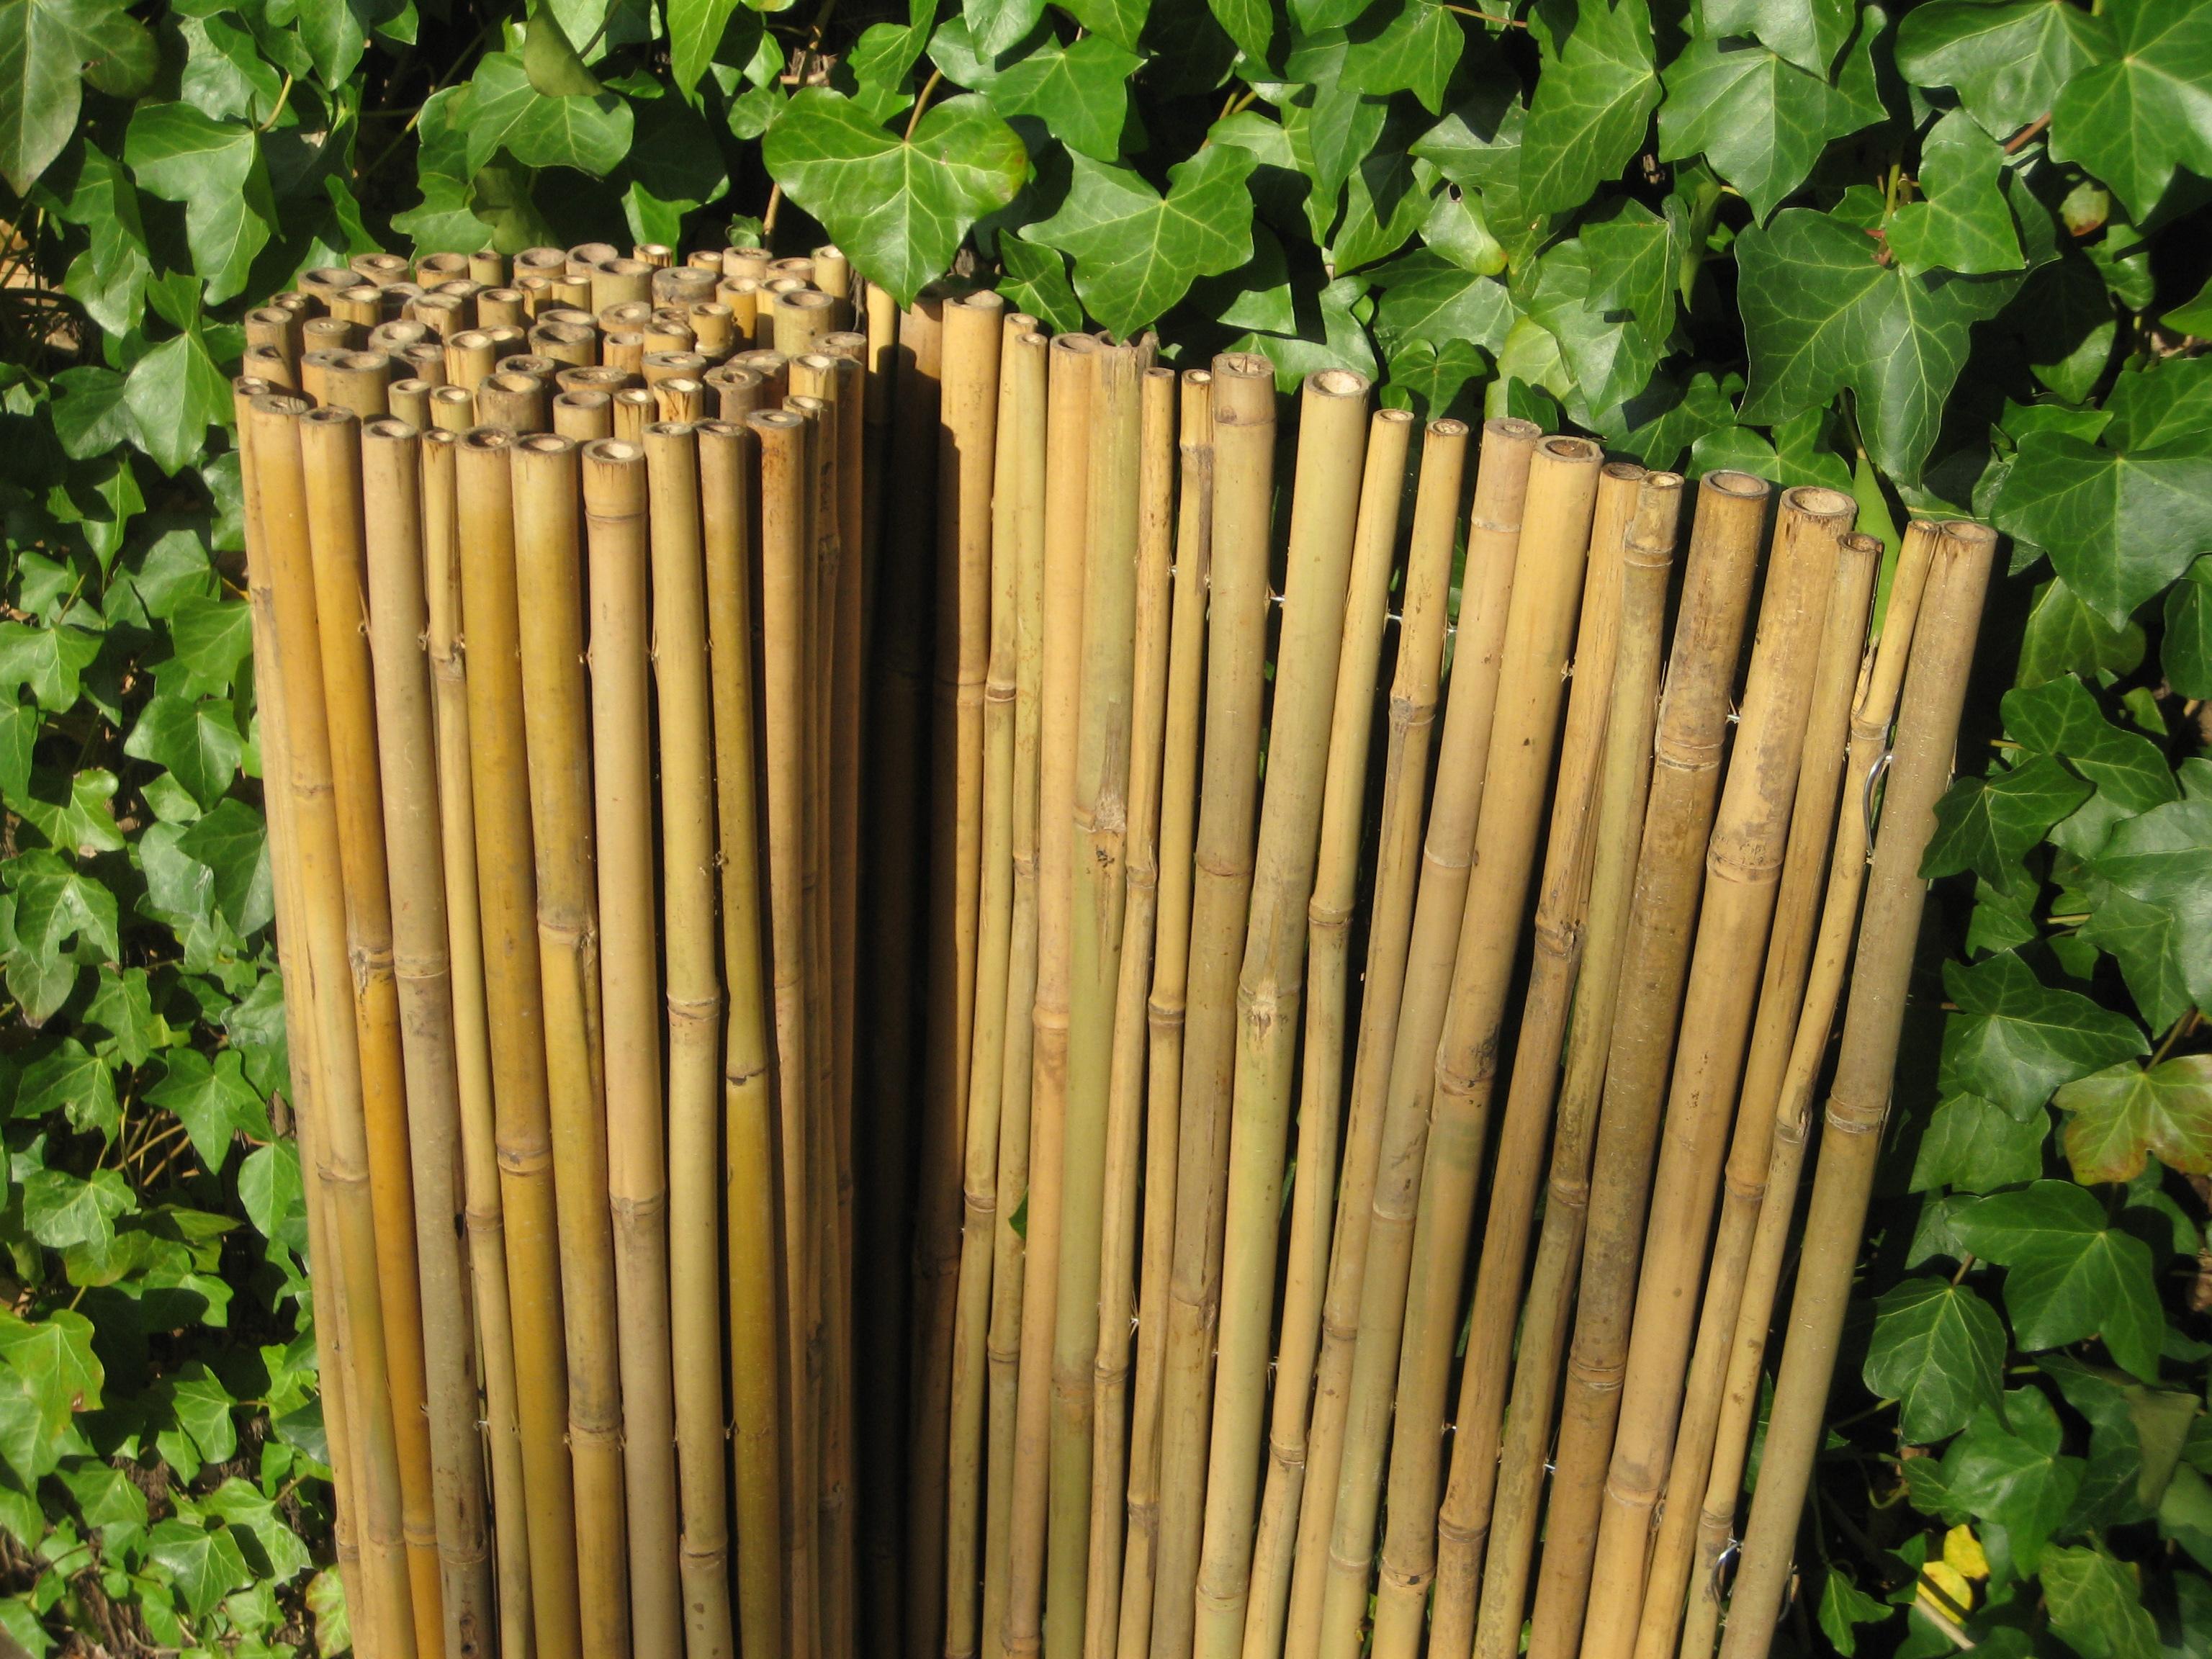 sichtschutz bambusmatte sichtschutzmatte hell handel und vertrieb natur pro kastanie shop. Black Bedroom Furniture Sets. Home Design Ideas